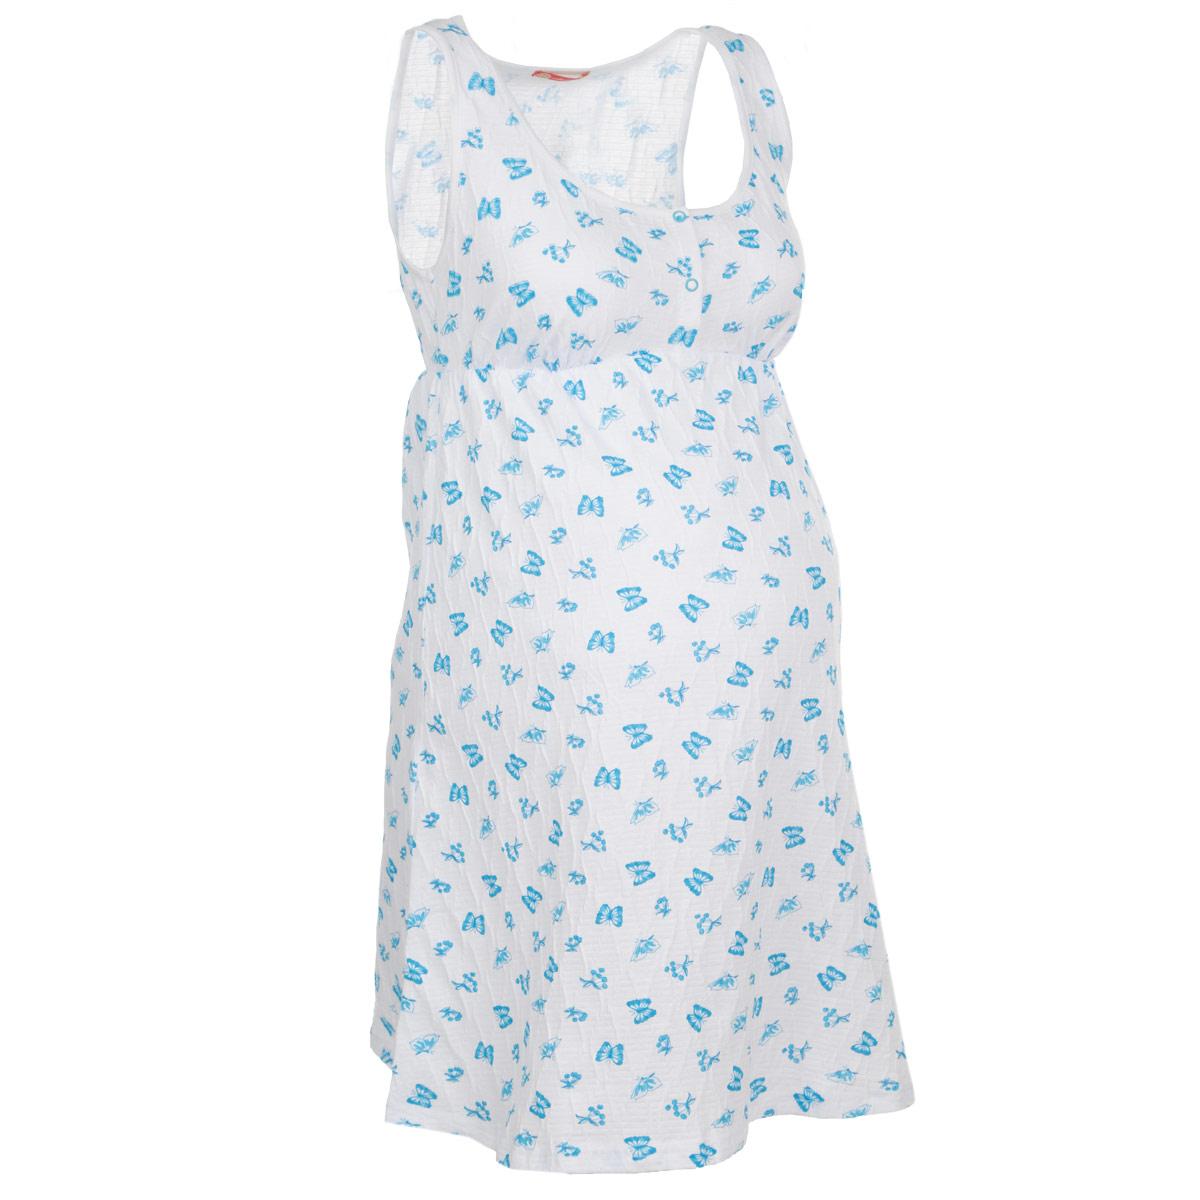 Ночная рубашка24140Удобная, красивая ночная сорочка для беременных и кормящих мам Мамин Дом, изготовленная из натурального хлопка с добавлением эластана, женственна и элегантна. Модель без рукавов, с круглым вырезом горловины застегивается на груди на кнопочки. Сорочка оформлена сборкой под грудью и украшена нежным принтом с изображением бабочек. Удобное расположение кнопок на груди обеспечивает максимальный доступ к груди во время грудного вскармливания. Свободный крой позволяет носить ночную сорочку как во время беременности, так и после родов. Такая сорочка сделает отдых будущей мамы комфортным. Сочетается с кардиганом арт. 25304 Mocco. Одежда, изготовленная из хлопка, приятна к телу, сохраняет тепло в холодное время года и дарит прохладу в теплое, позволяет коже дышать.